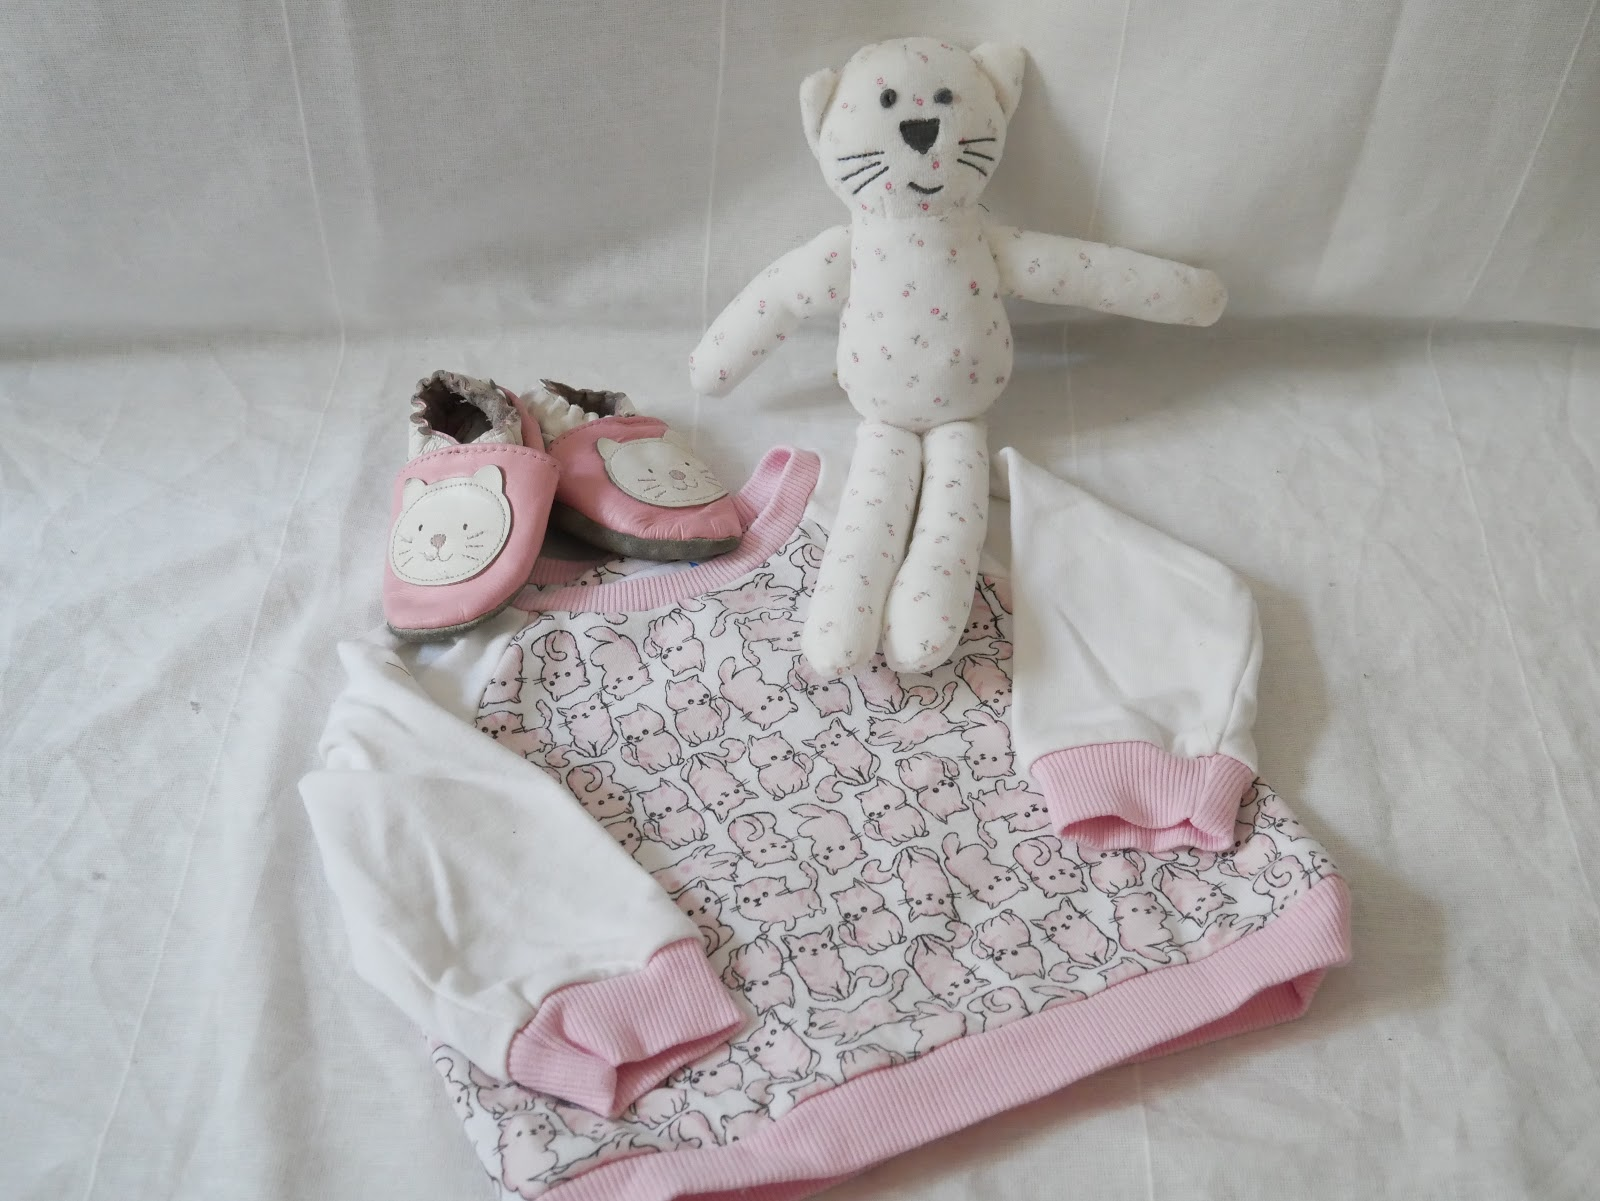 df14c8a1e4823 J ai toujours aimé les jolies pièces pour habiller les enfants. S il est  vrai que j achète la plupart de leurs vêtements dans les grandes enseignes  pour des ...